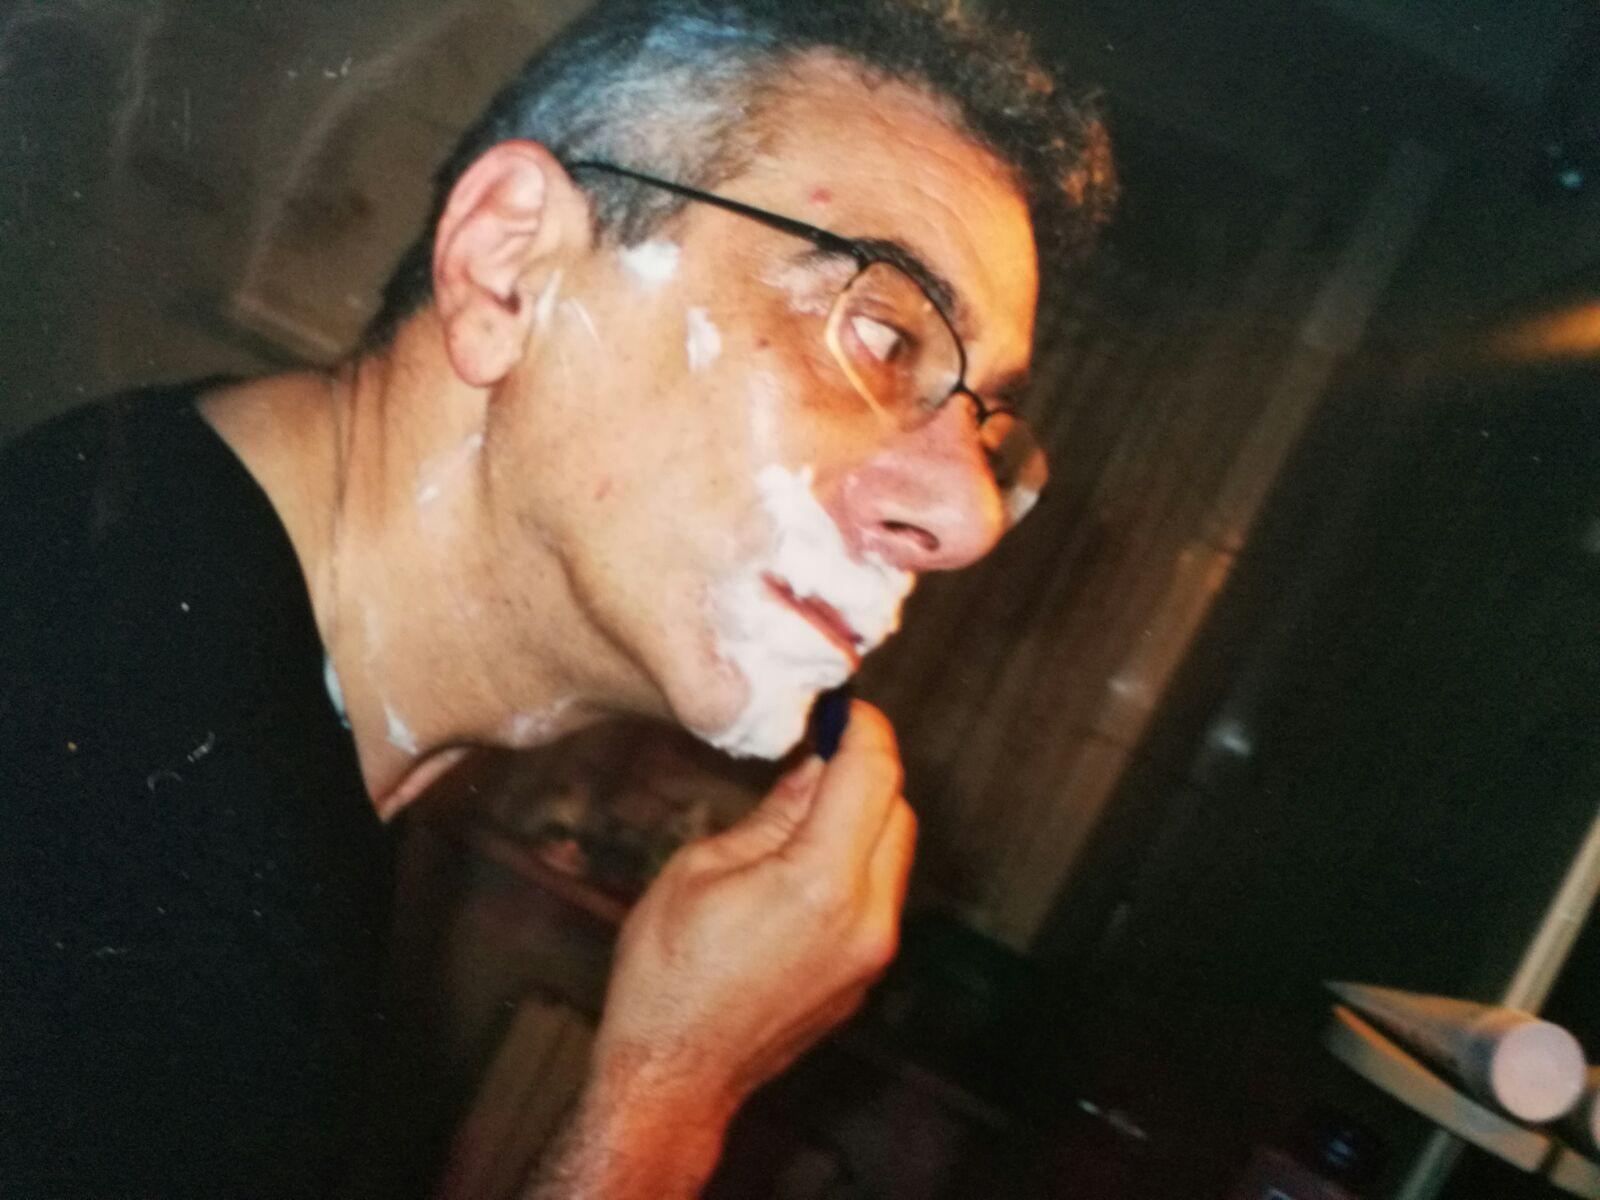 Guido Garufi